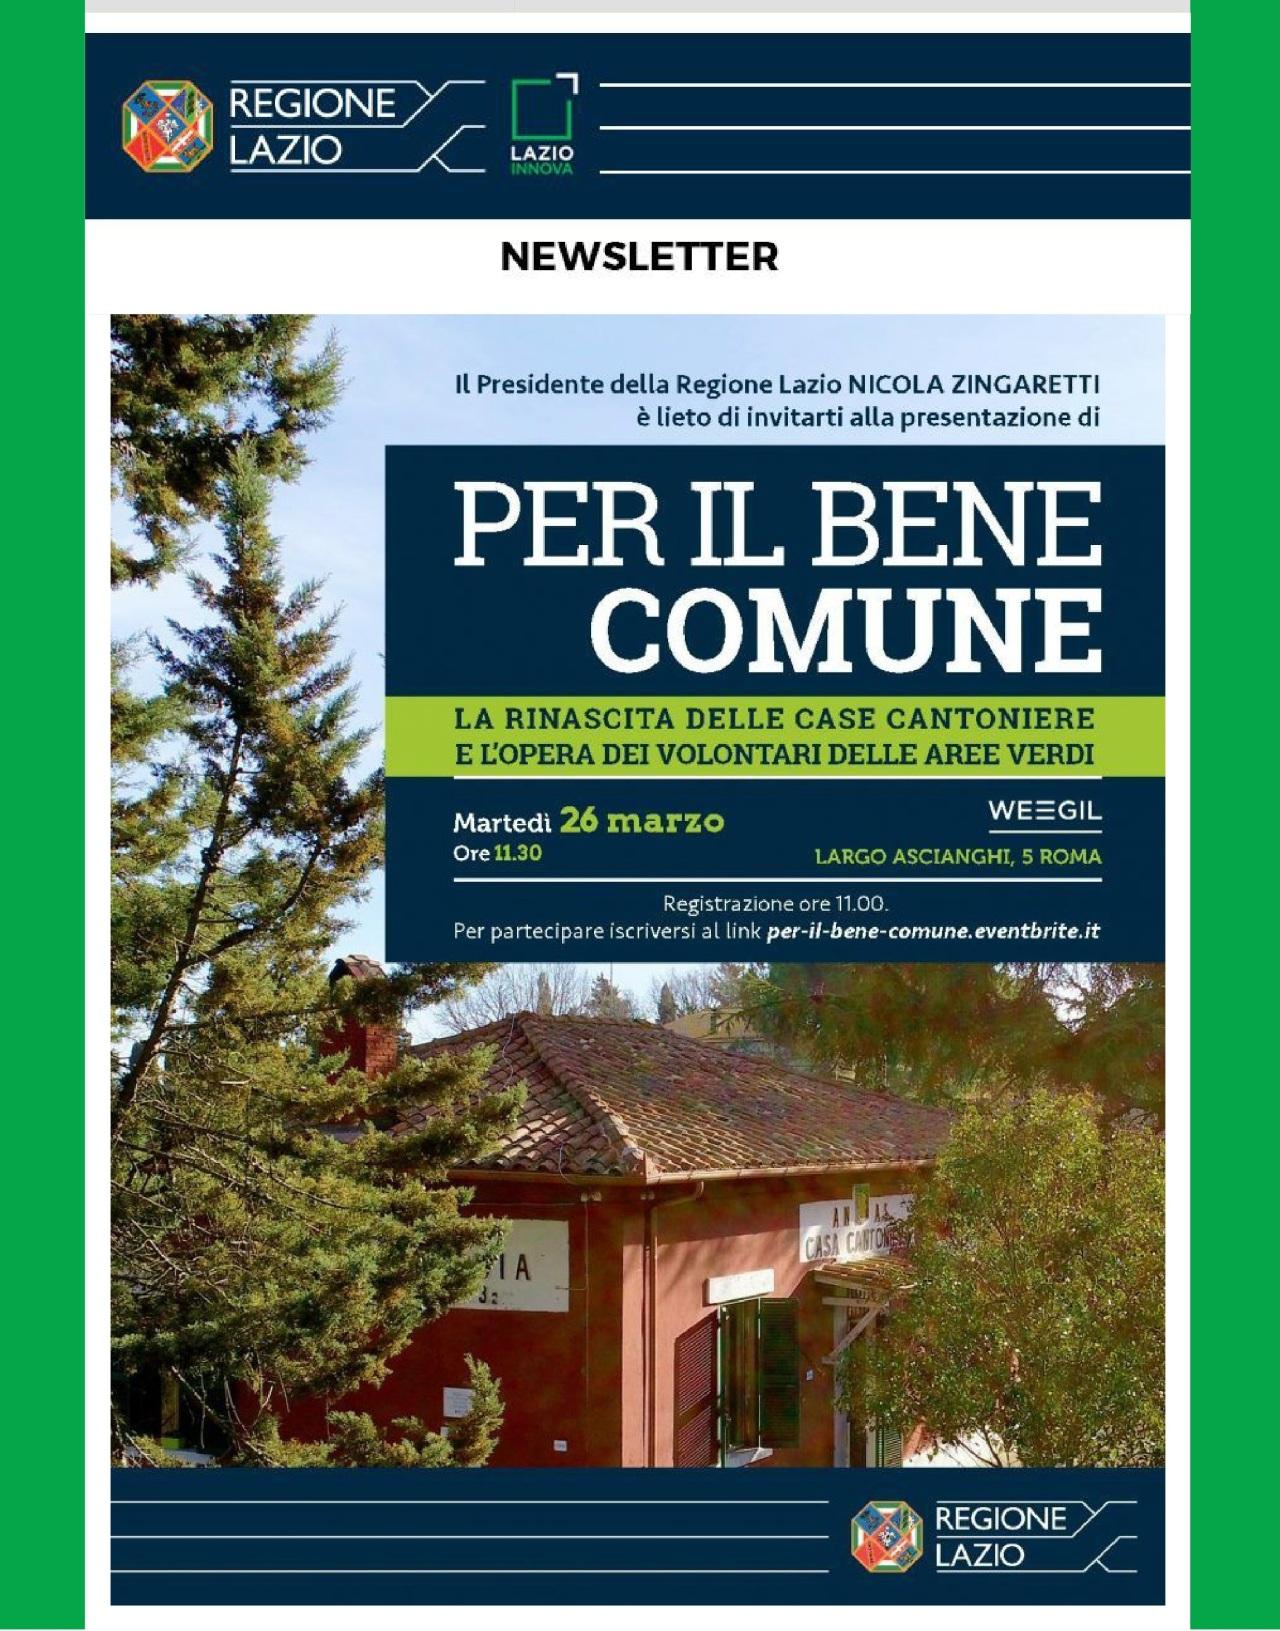 Per_il_bene_comune._La_rinascita_delle_case_cantoniere_e_l_'opera_dei_volontari_della_aree_verdi-page-0